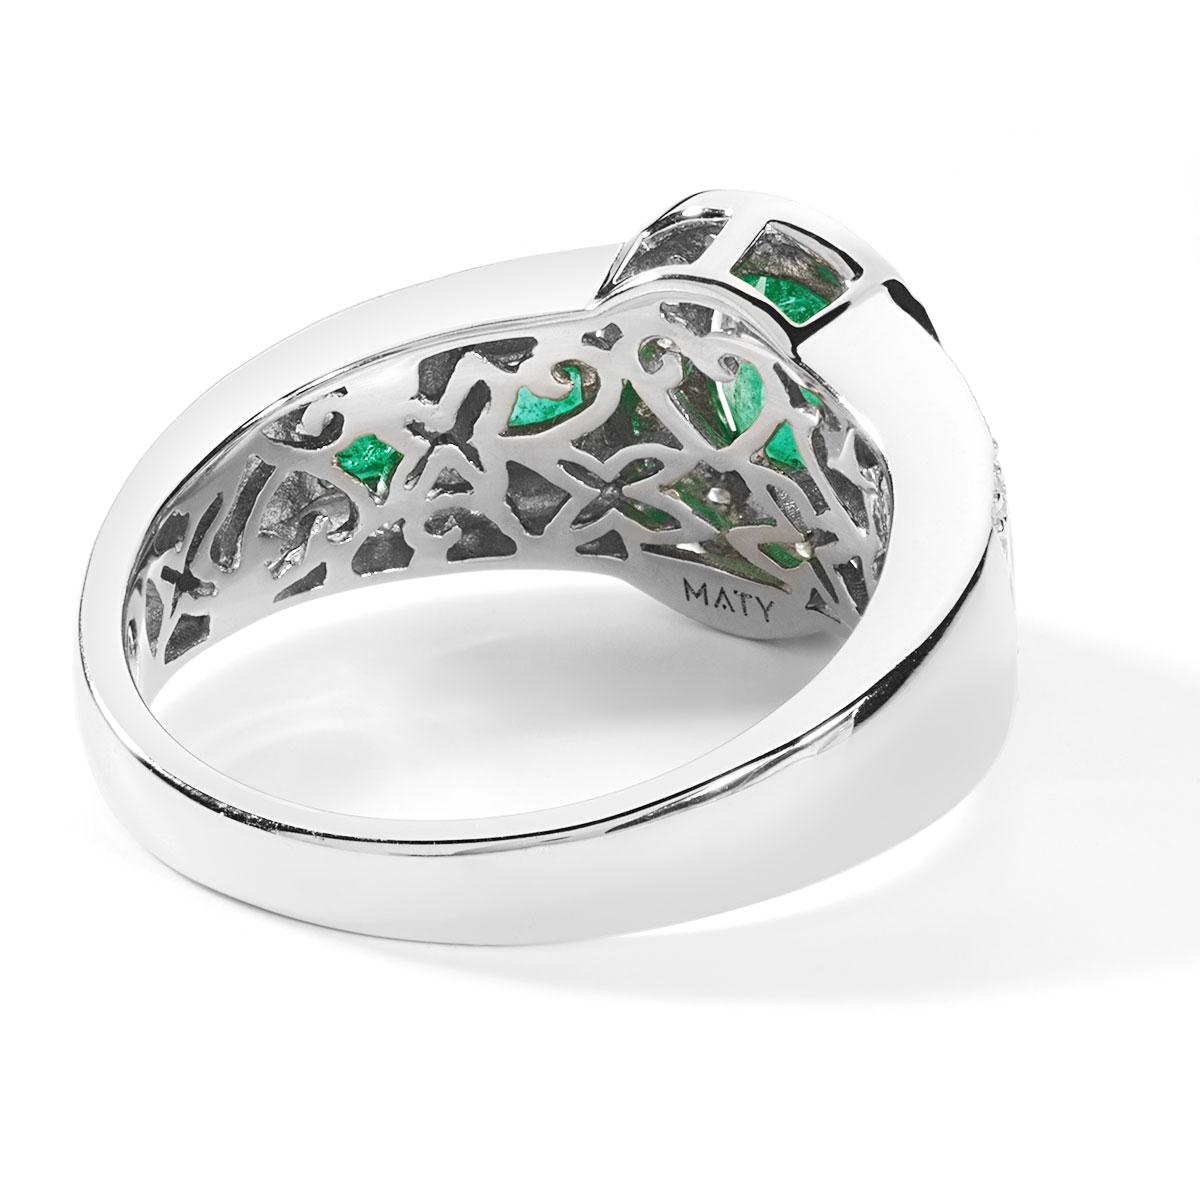 Souvent Bague or 750 blanc émeraude et diamant - Femme - Bague | MATY QG09